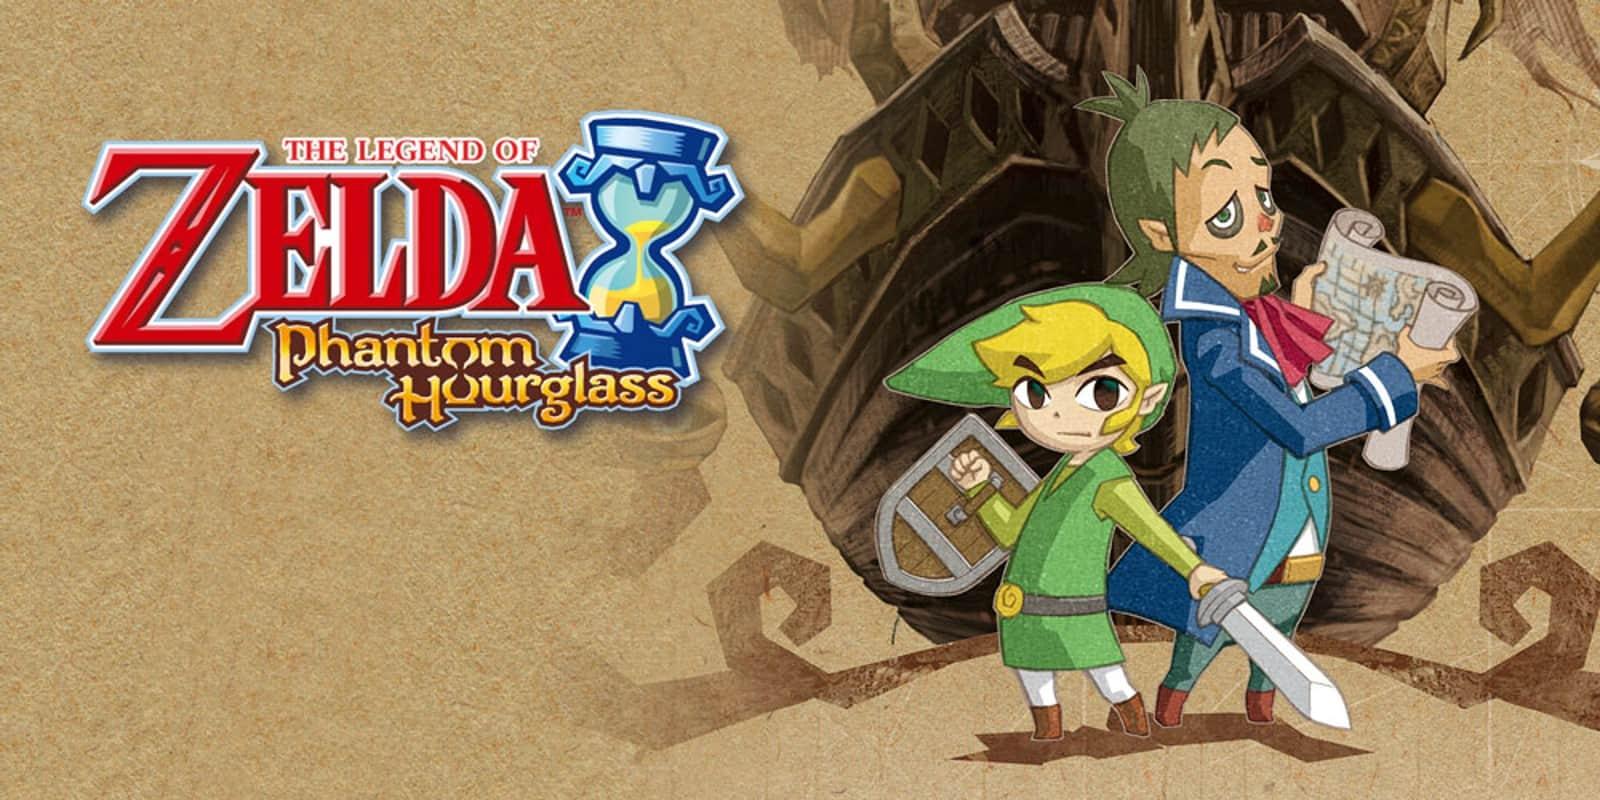 Best Zelda Games - The Legend of Zelda - Phantom Hourglass